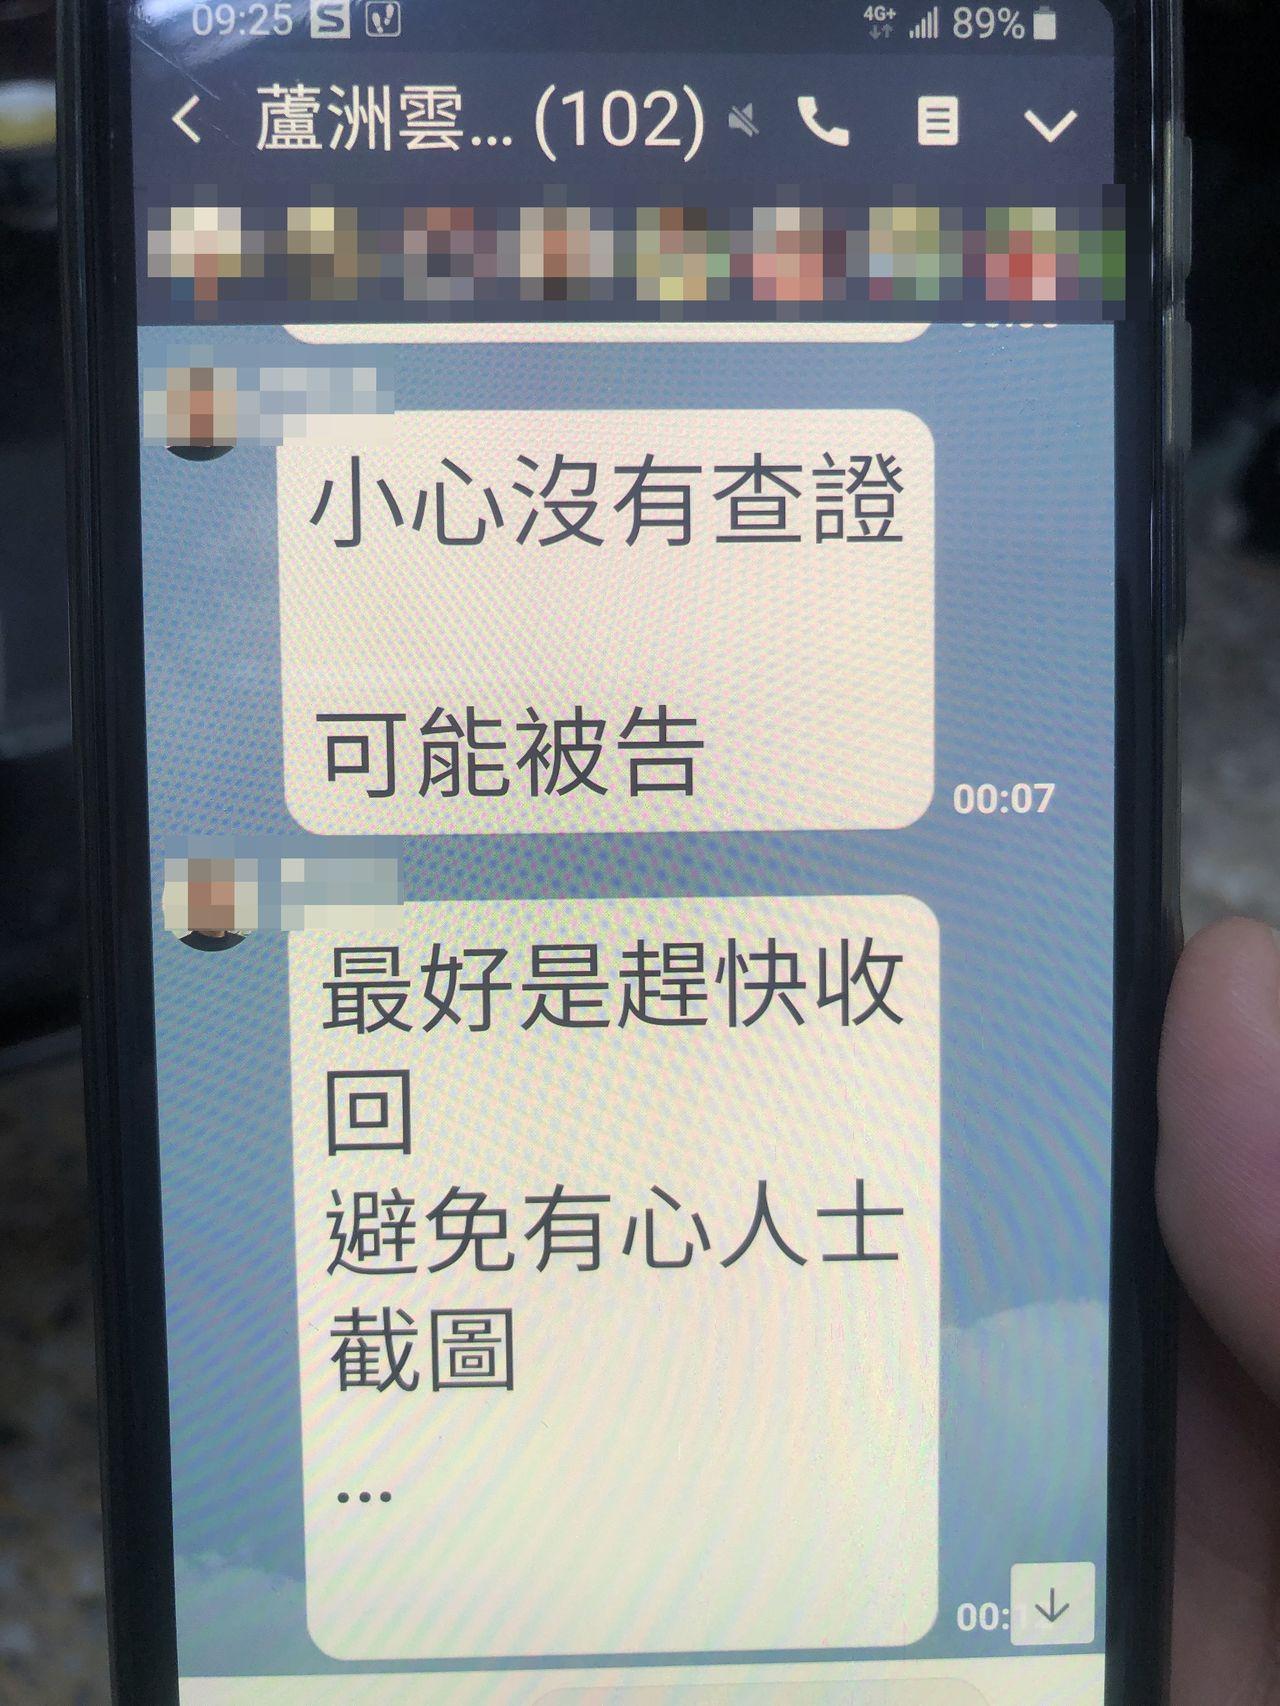 轉傳假消息詆毀總統 「辣媽」送裁處